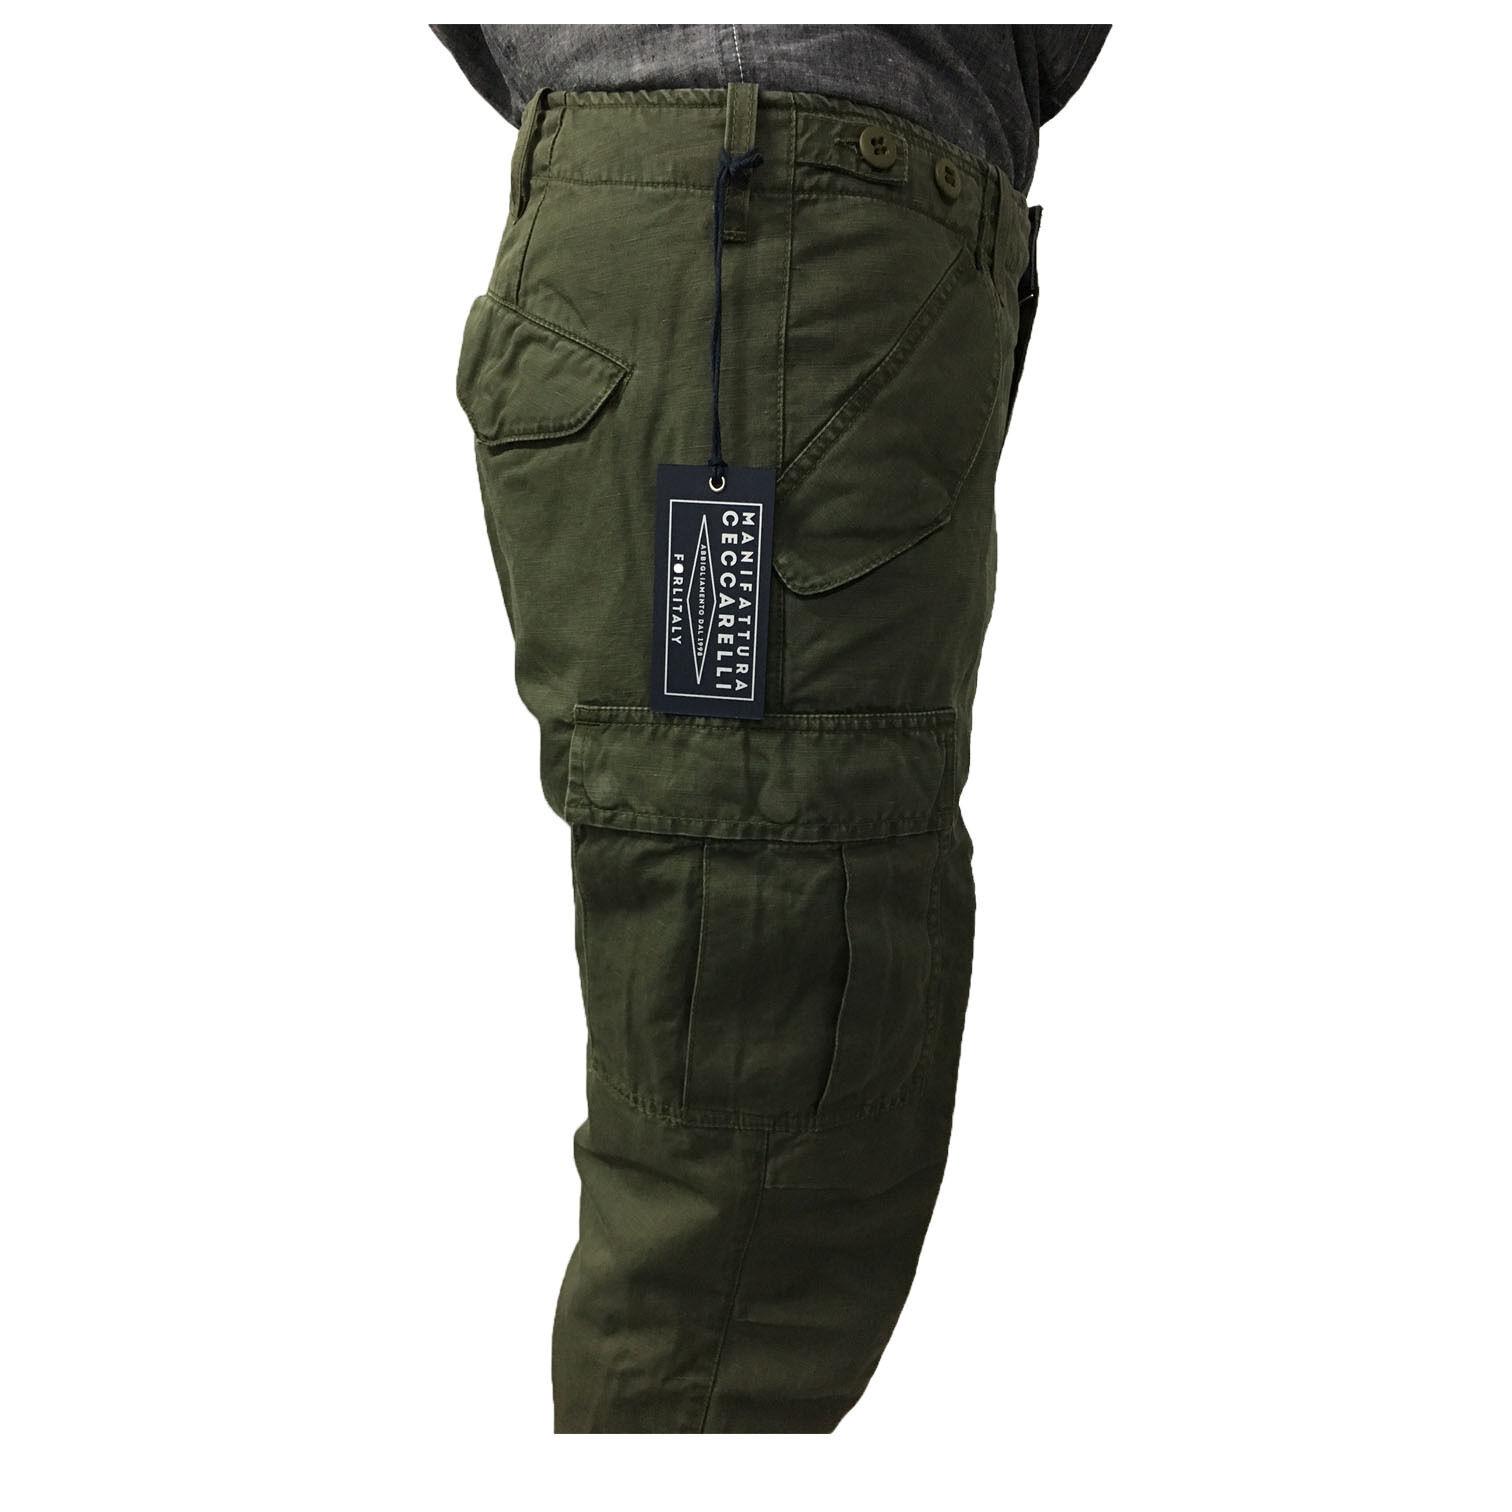 MANIFATTURA CECCARELLI pantalone uomo con tascone verde mod 6508 ZN MADE IN ITA